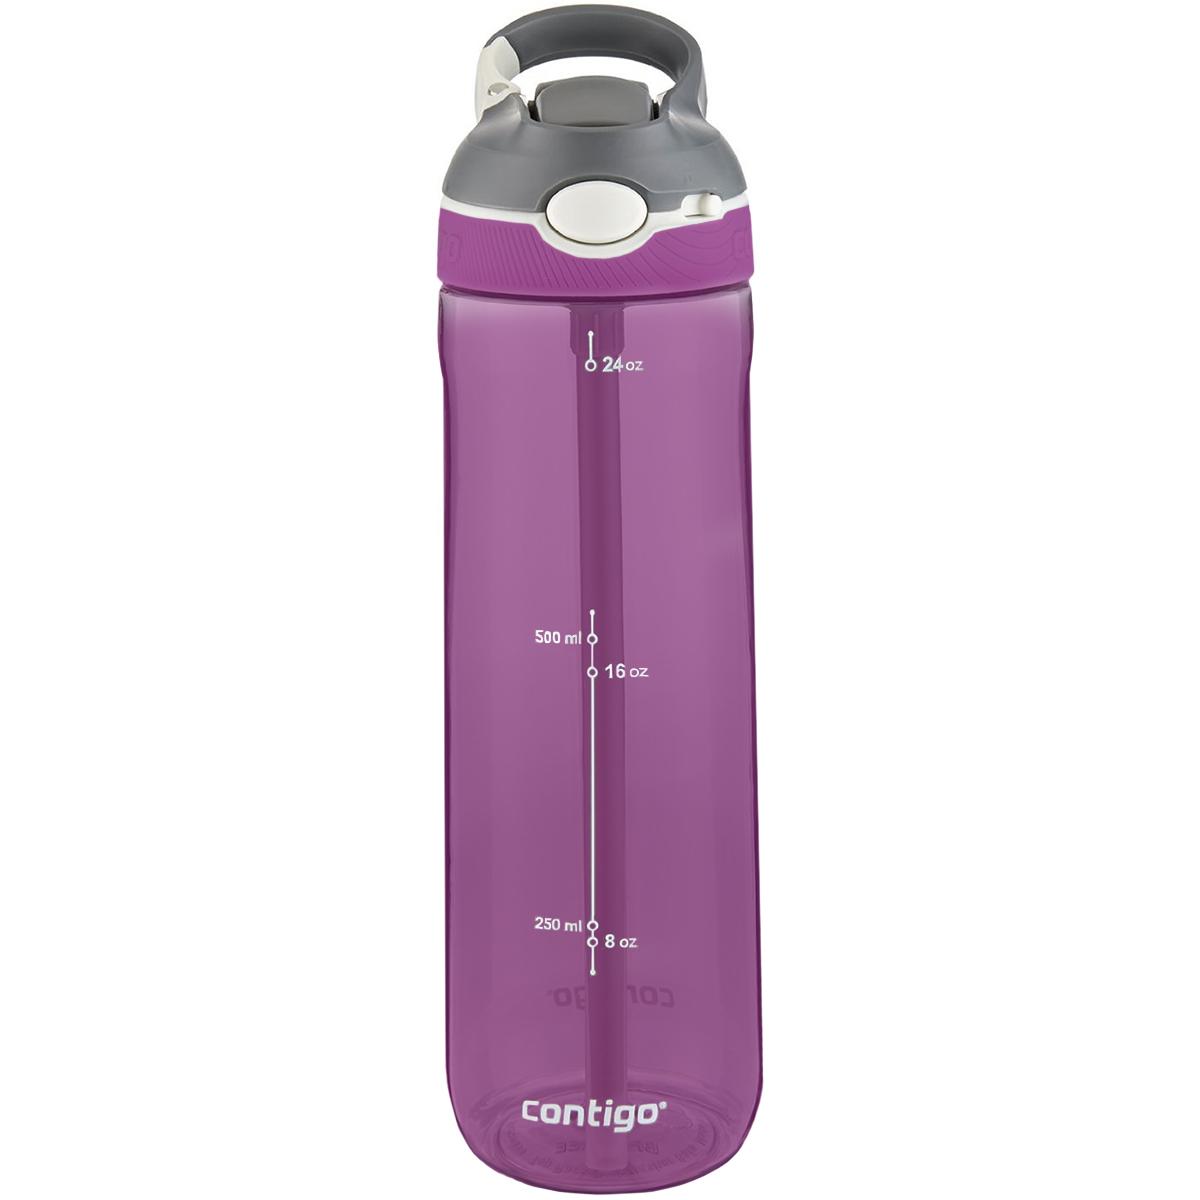 Contigo-24-oz-Ashland-Autospout-Water-Bottle